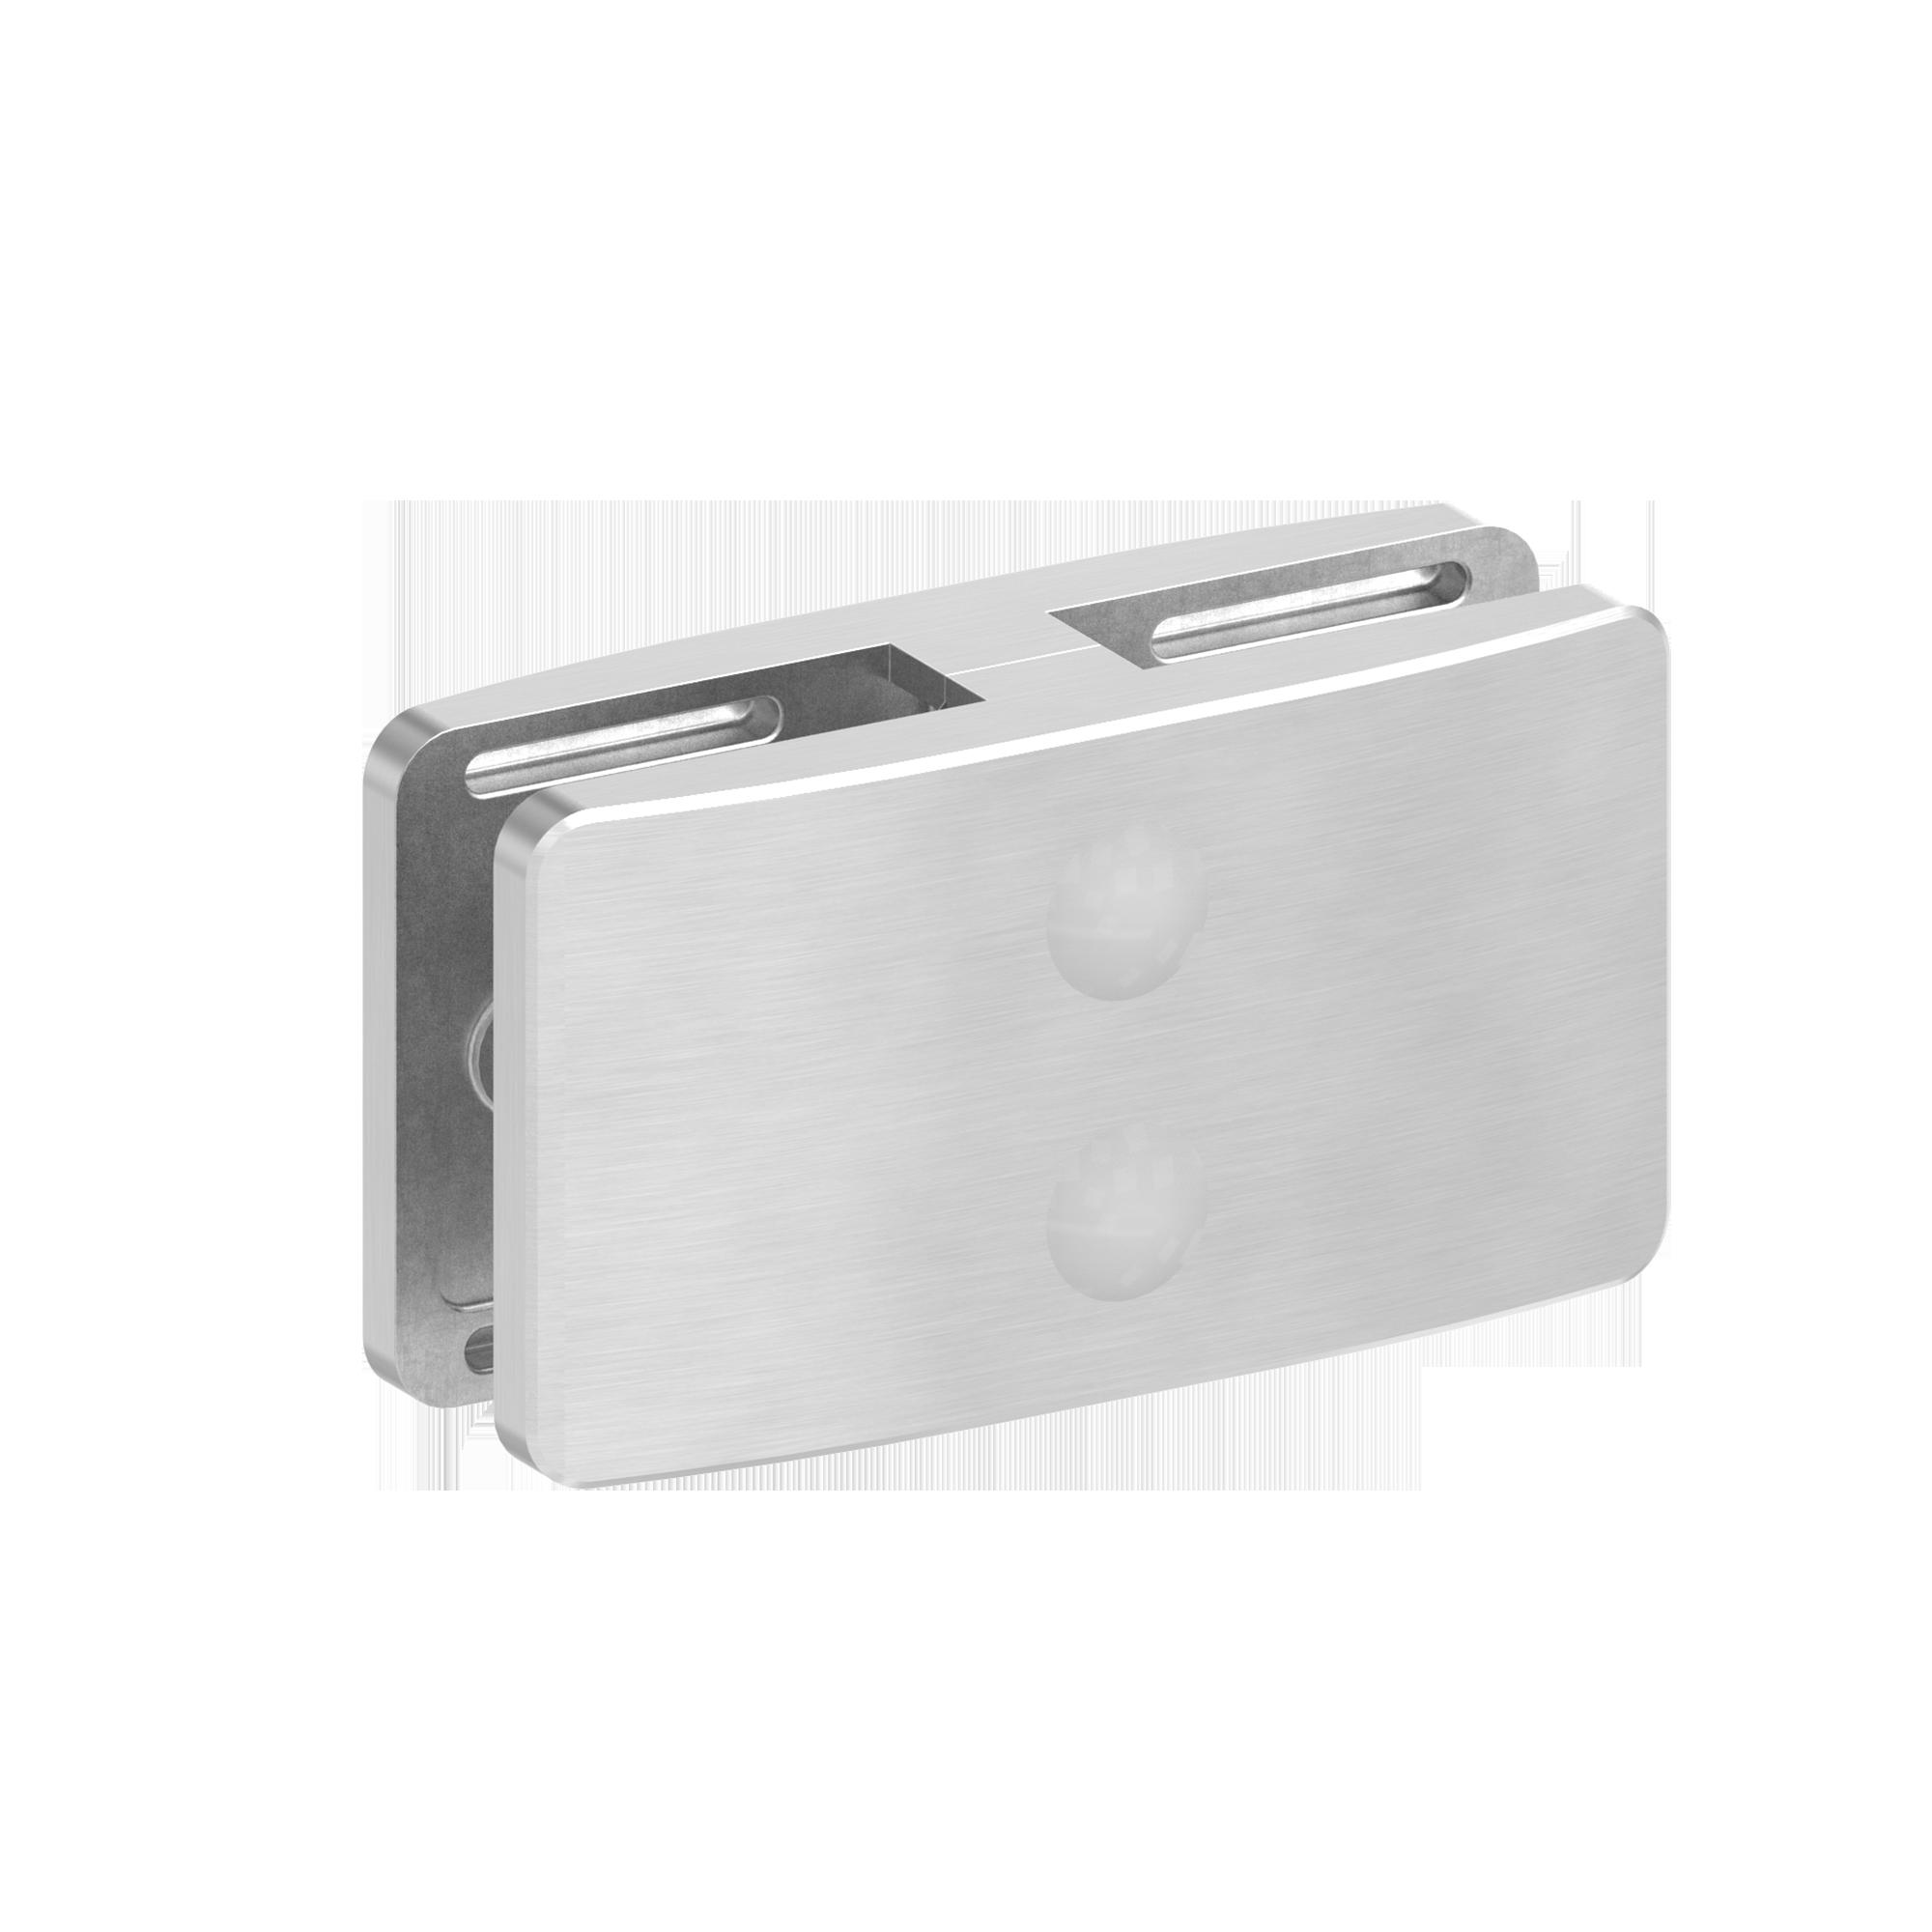 Sichtschutz-Glasklemme Modell 26 - Mitte